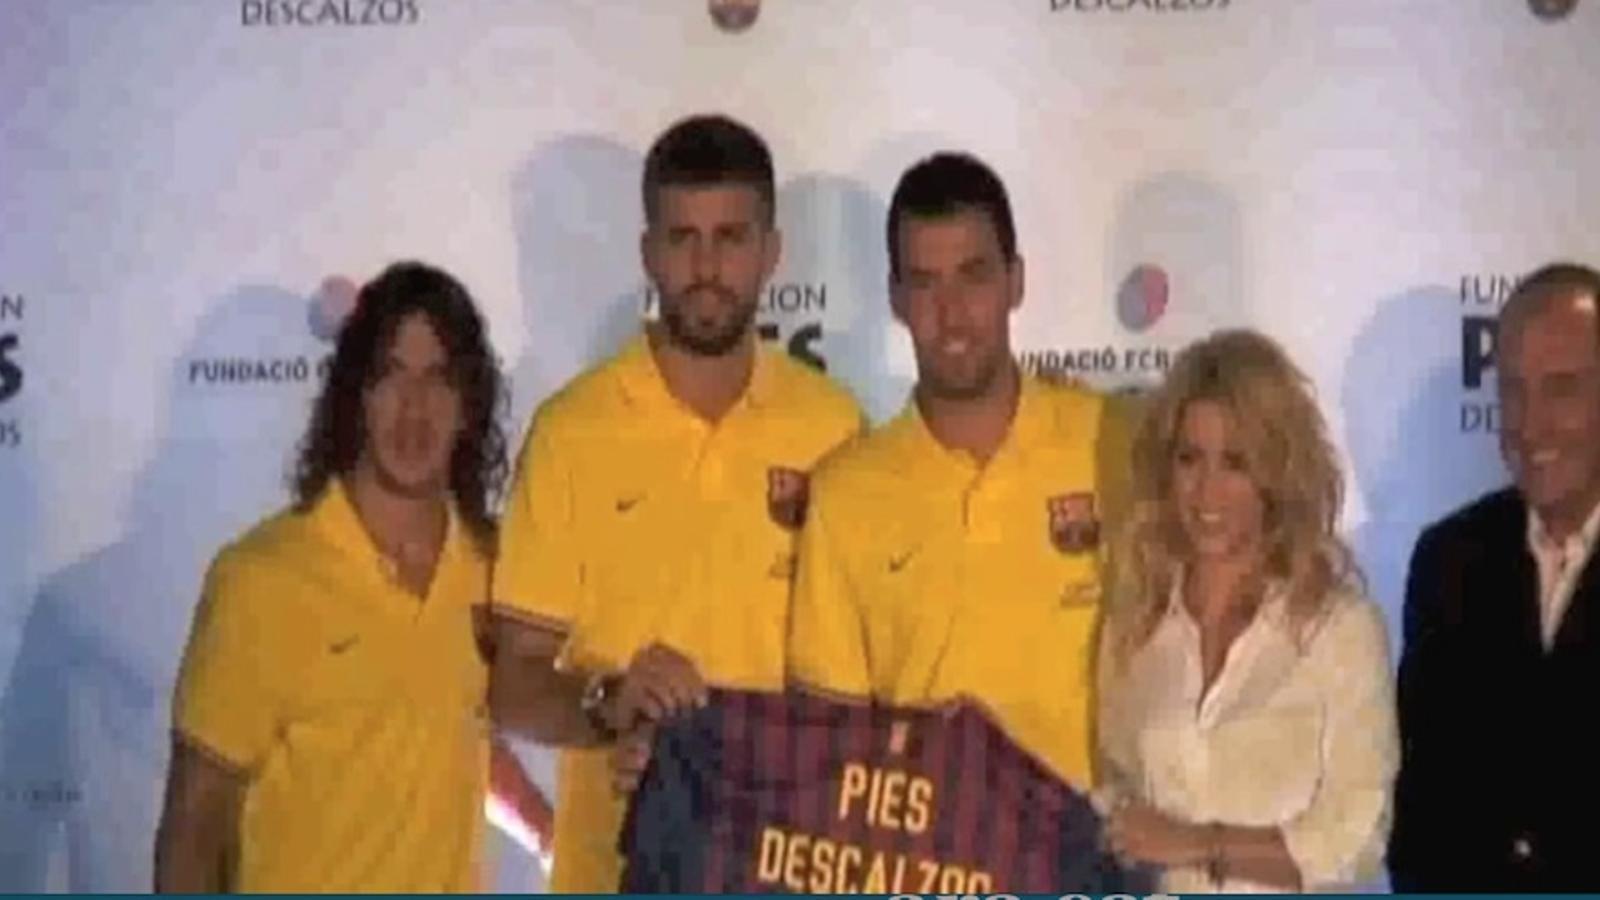 Shakira rep una samarreta del Barça per la seva fundació Pies Descalzos, amb Piqué, Busquets i Puyol